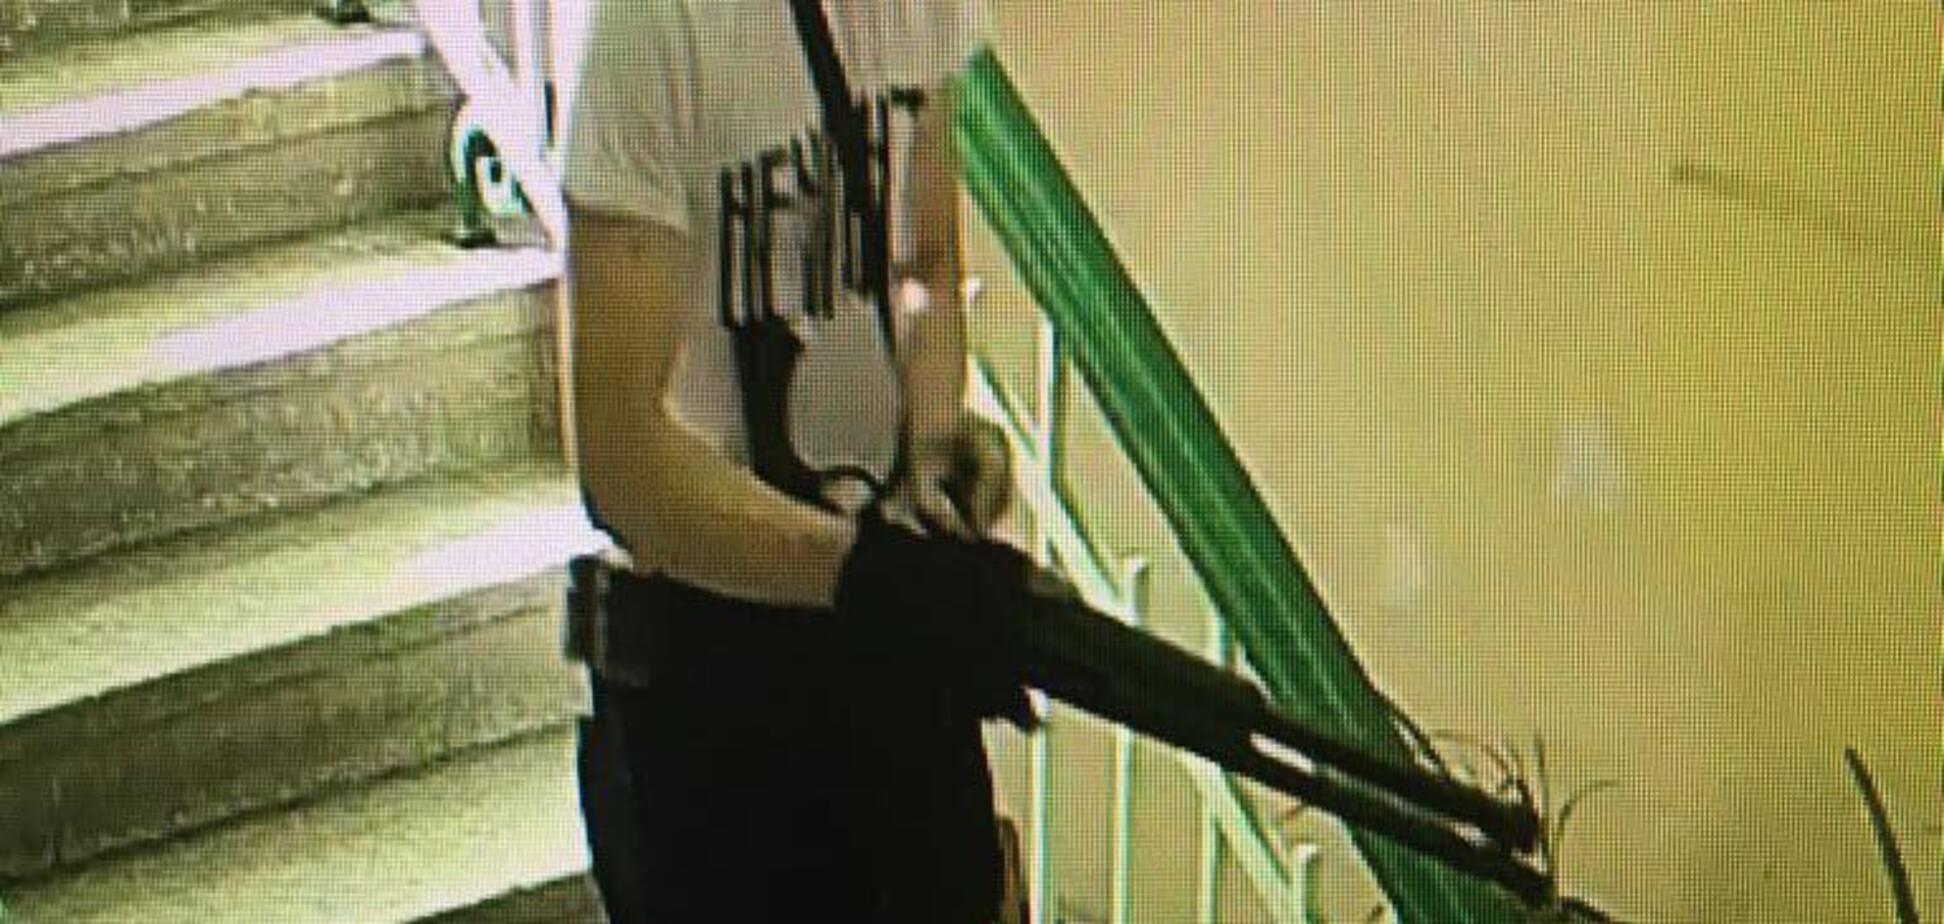 Кривава бійня в Керчі: Муждабаєв вказав на організаторів